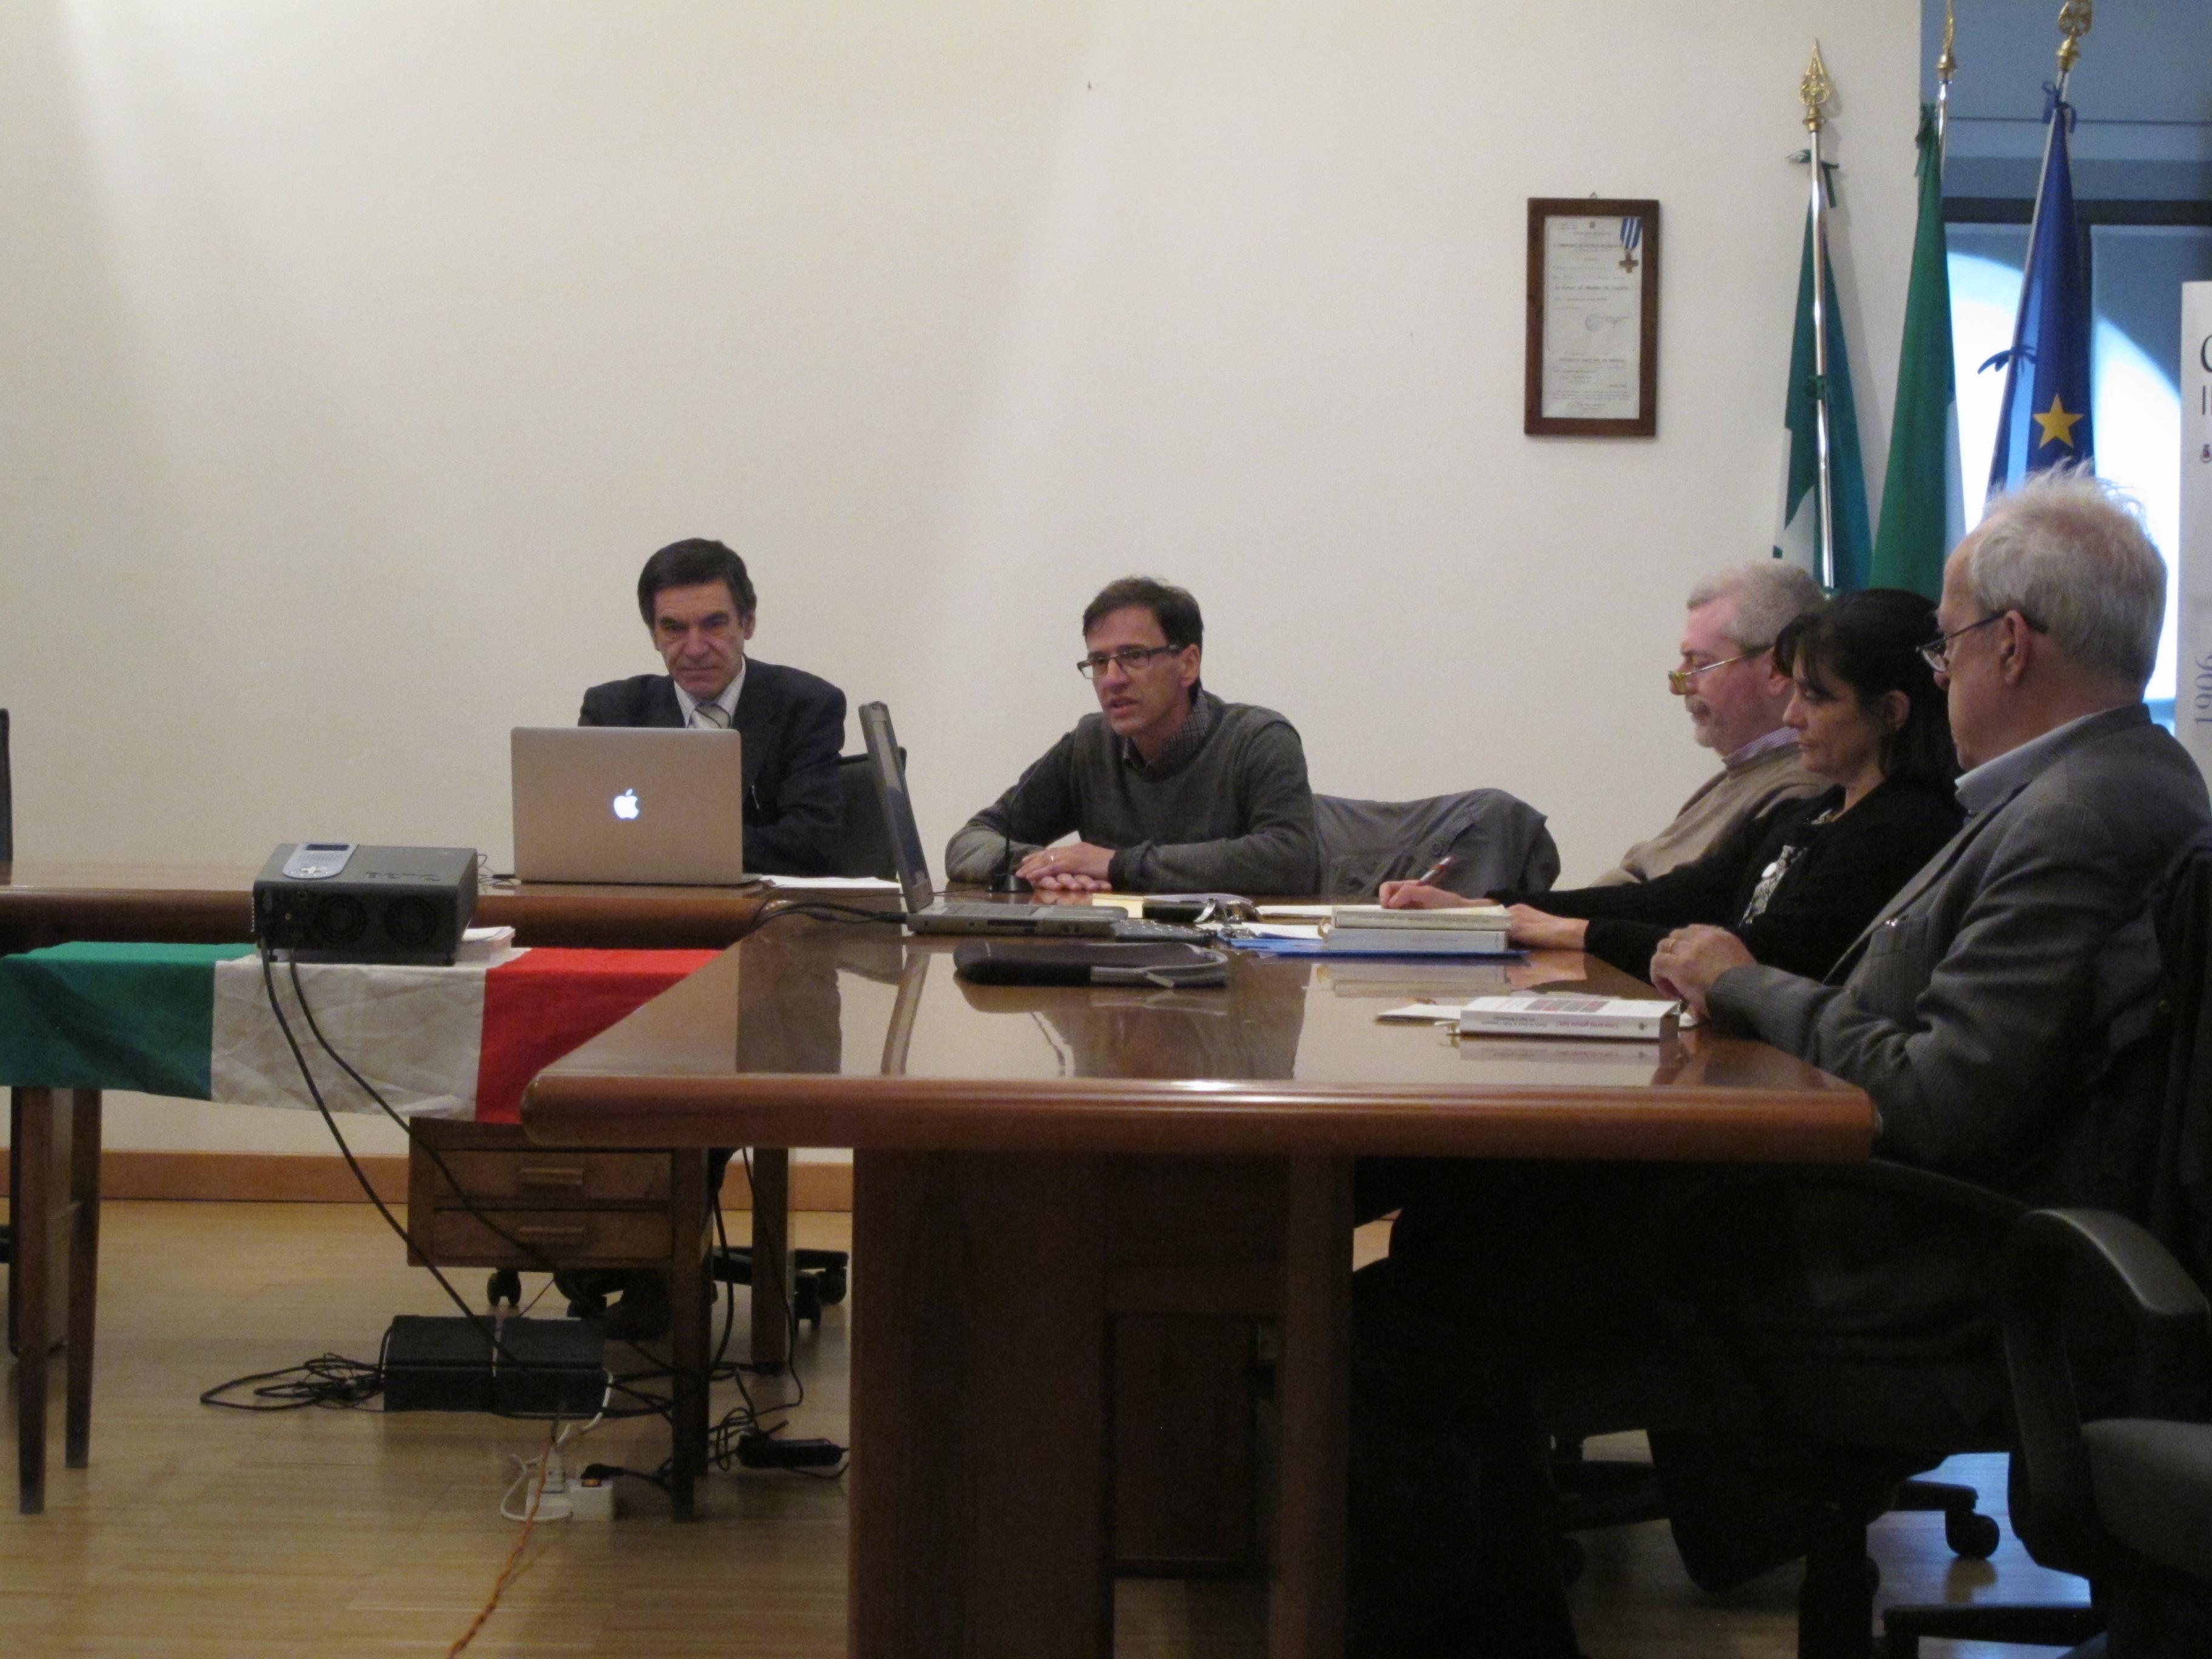 05_convegno Resistenza seme dell'Europa a Corteno Golgi